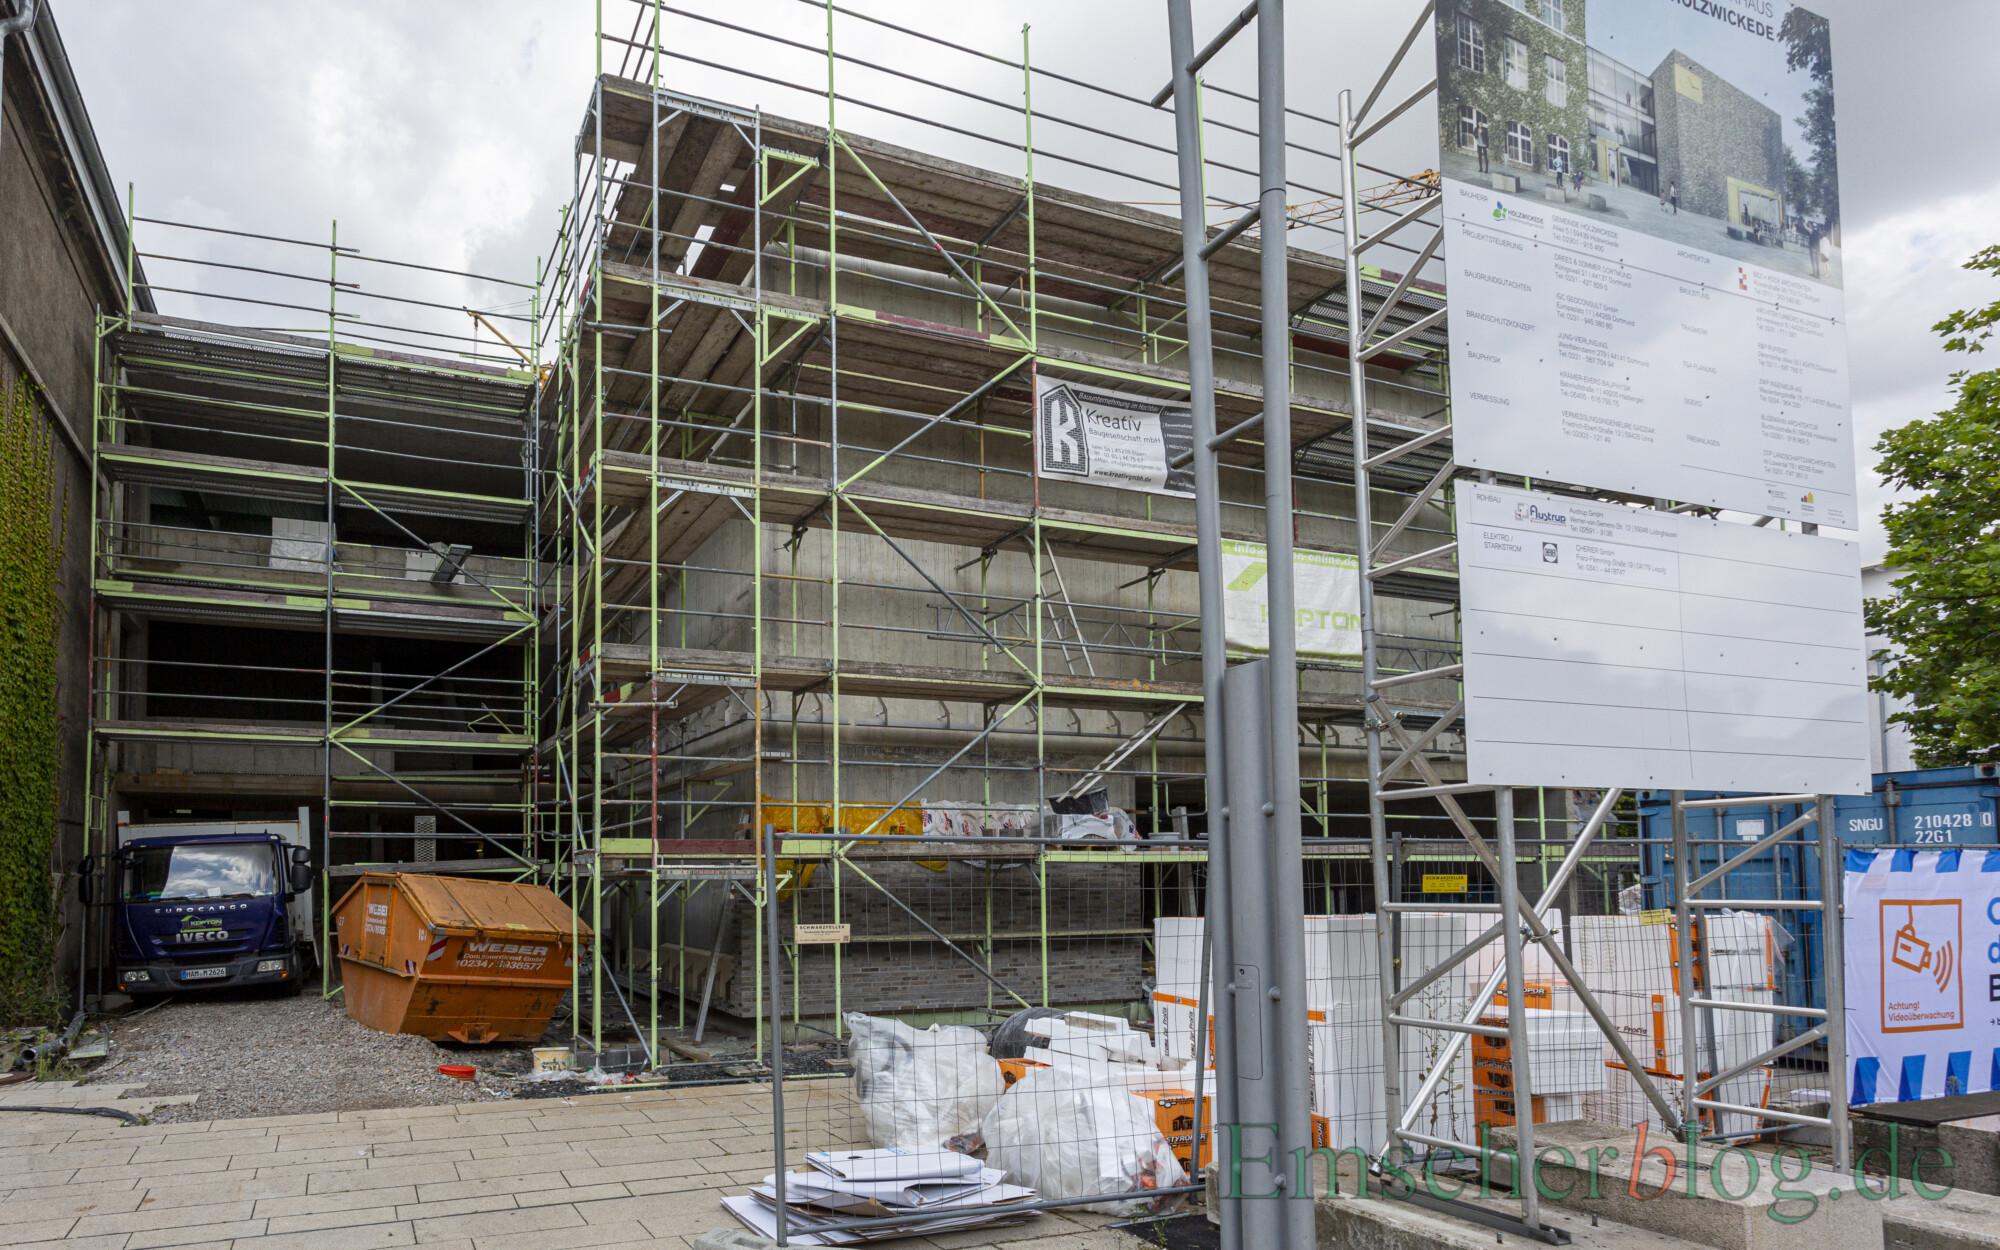 Das Ende und die technische Abnahme des Rohbaus stellt einen Meilenstein beim Bau des neuen Rat- und Bürgerhauses dar. (Foto: P. Gräber - Emscherblog)